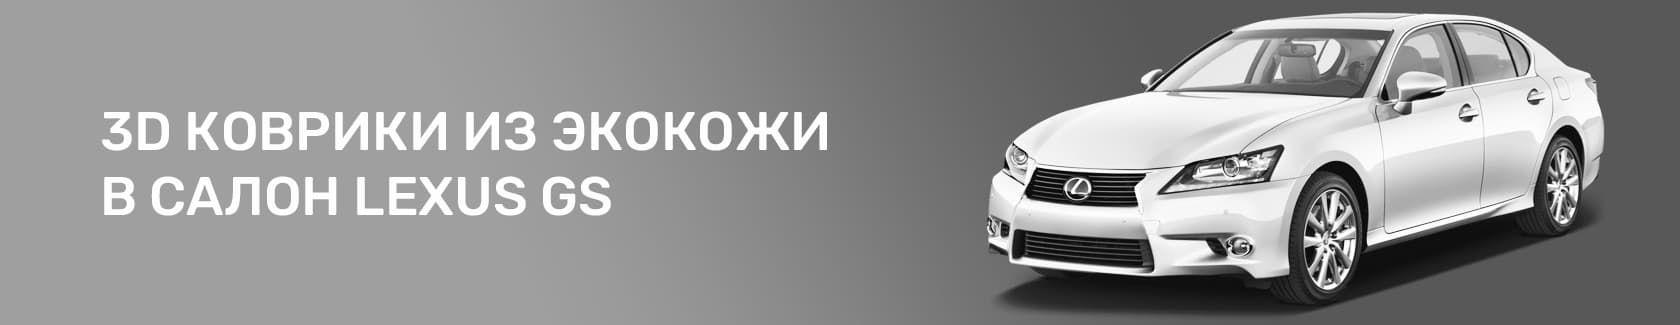 3D коврики из экокожи для Lexus GS